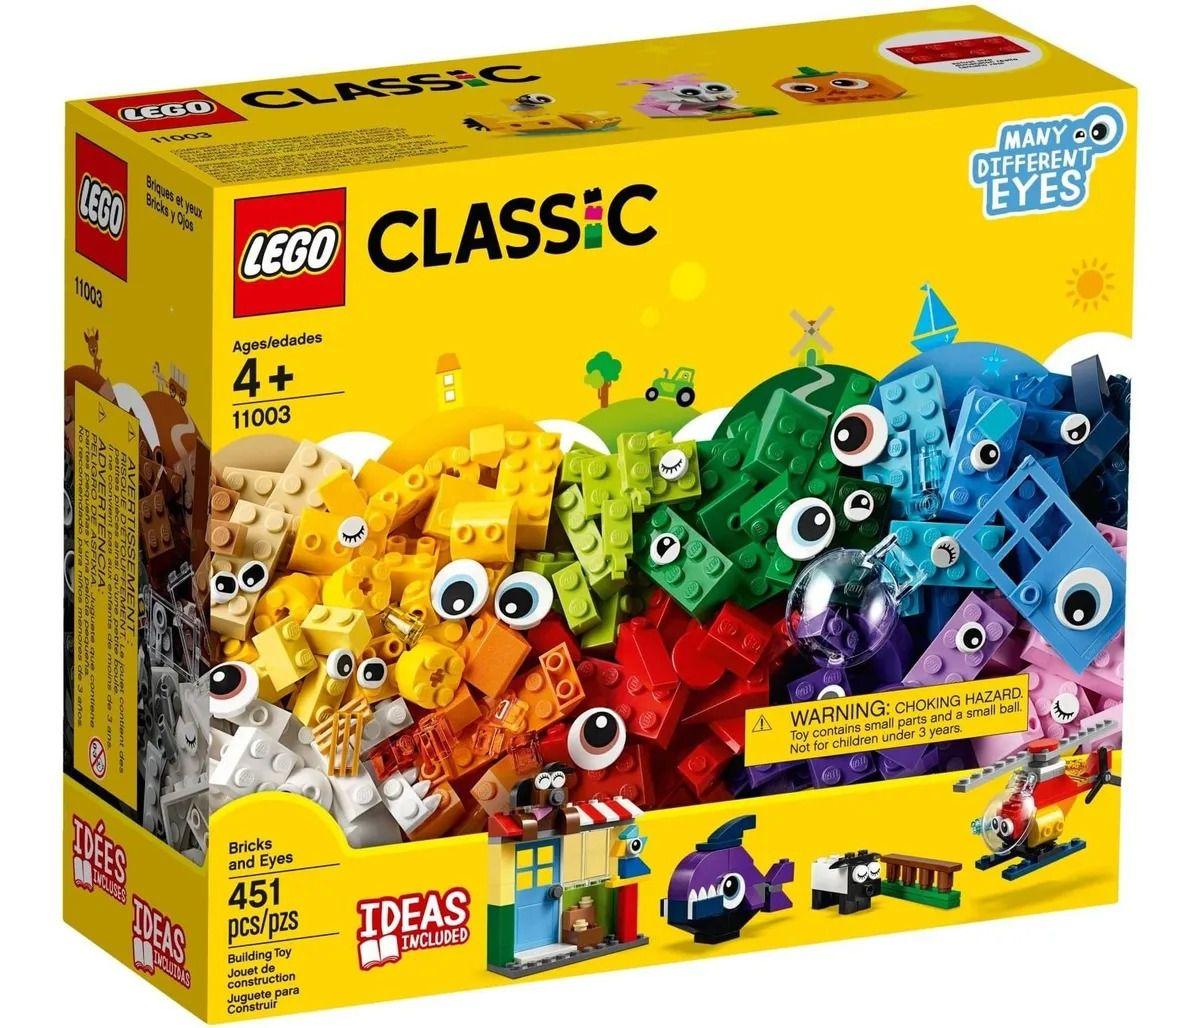 Lego 11003 Caixa Classic Peças E Olhos Com Ideias  - 451 peças